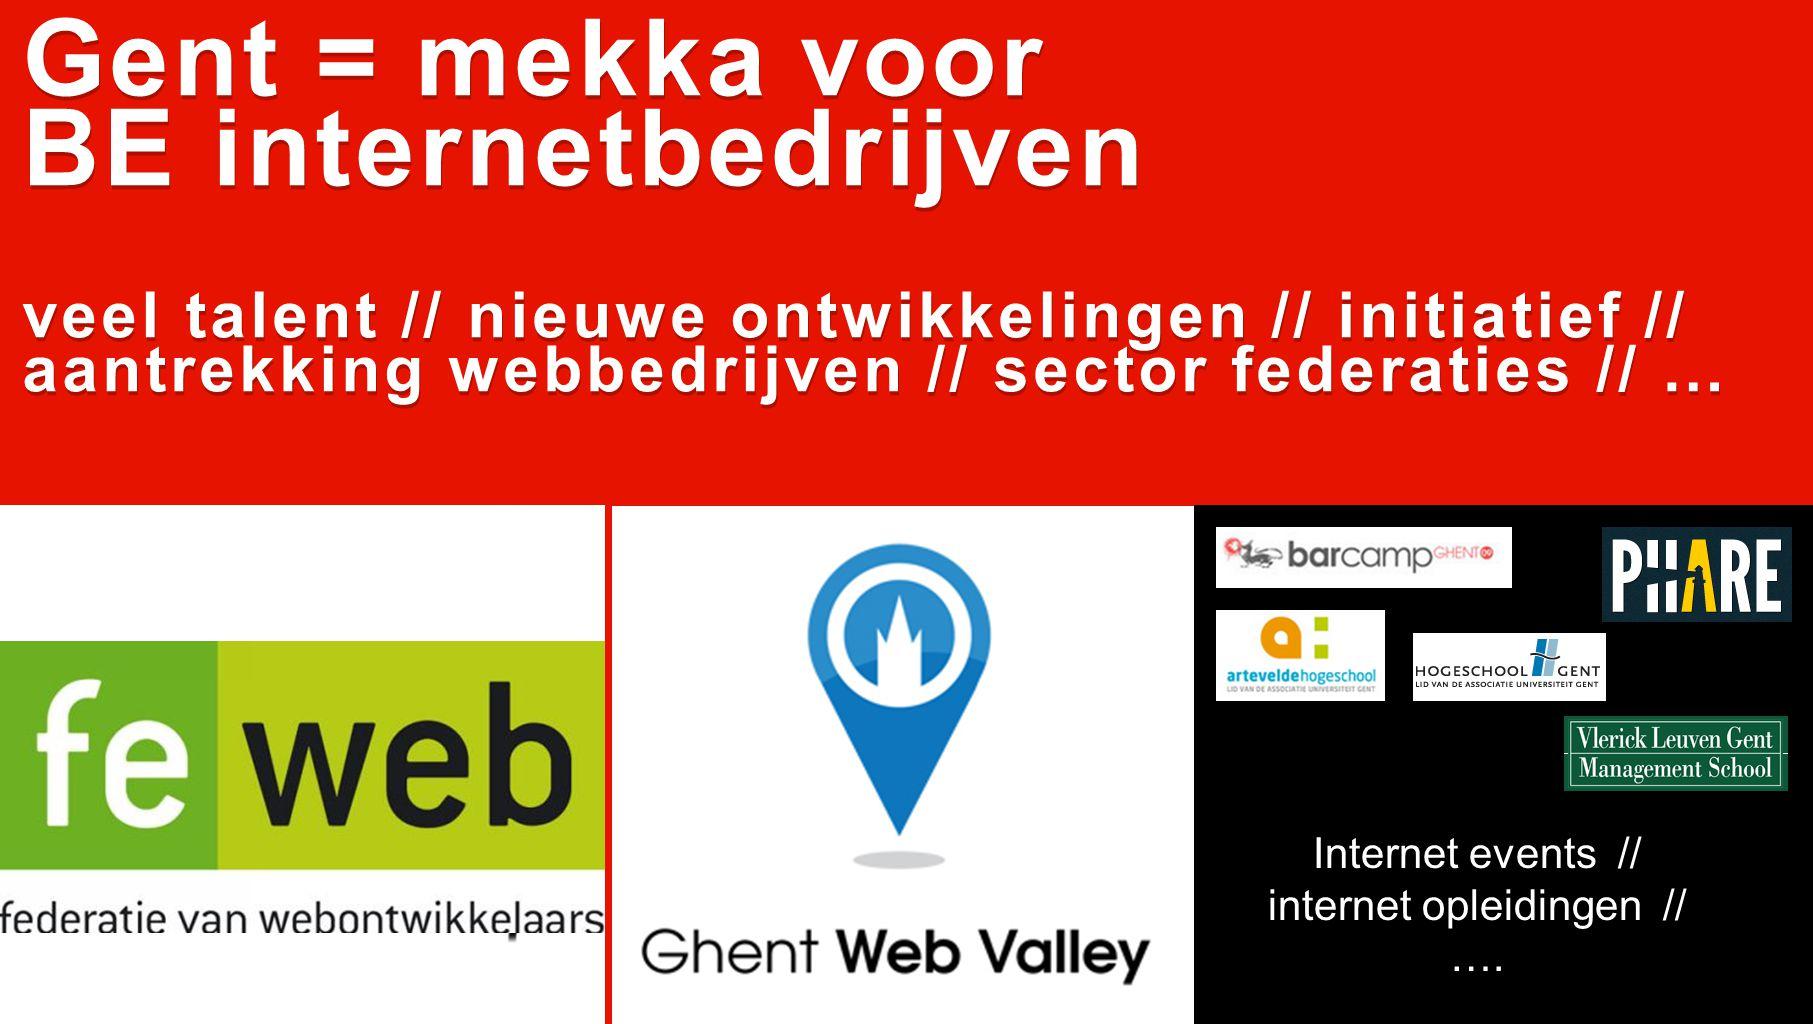 Gent = mekka voor BE internetbedrijven veel talent // nieuwe ontwikkelingen // initiatief // aantrekking webbedrijven // sector federaties // … Gent =